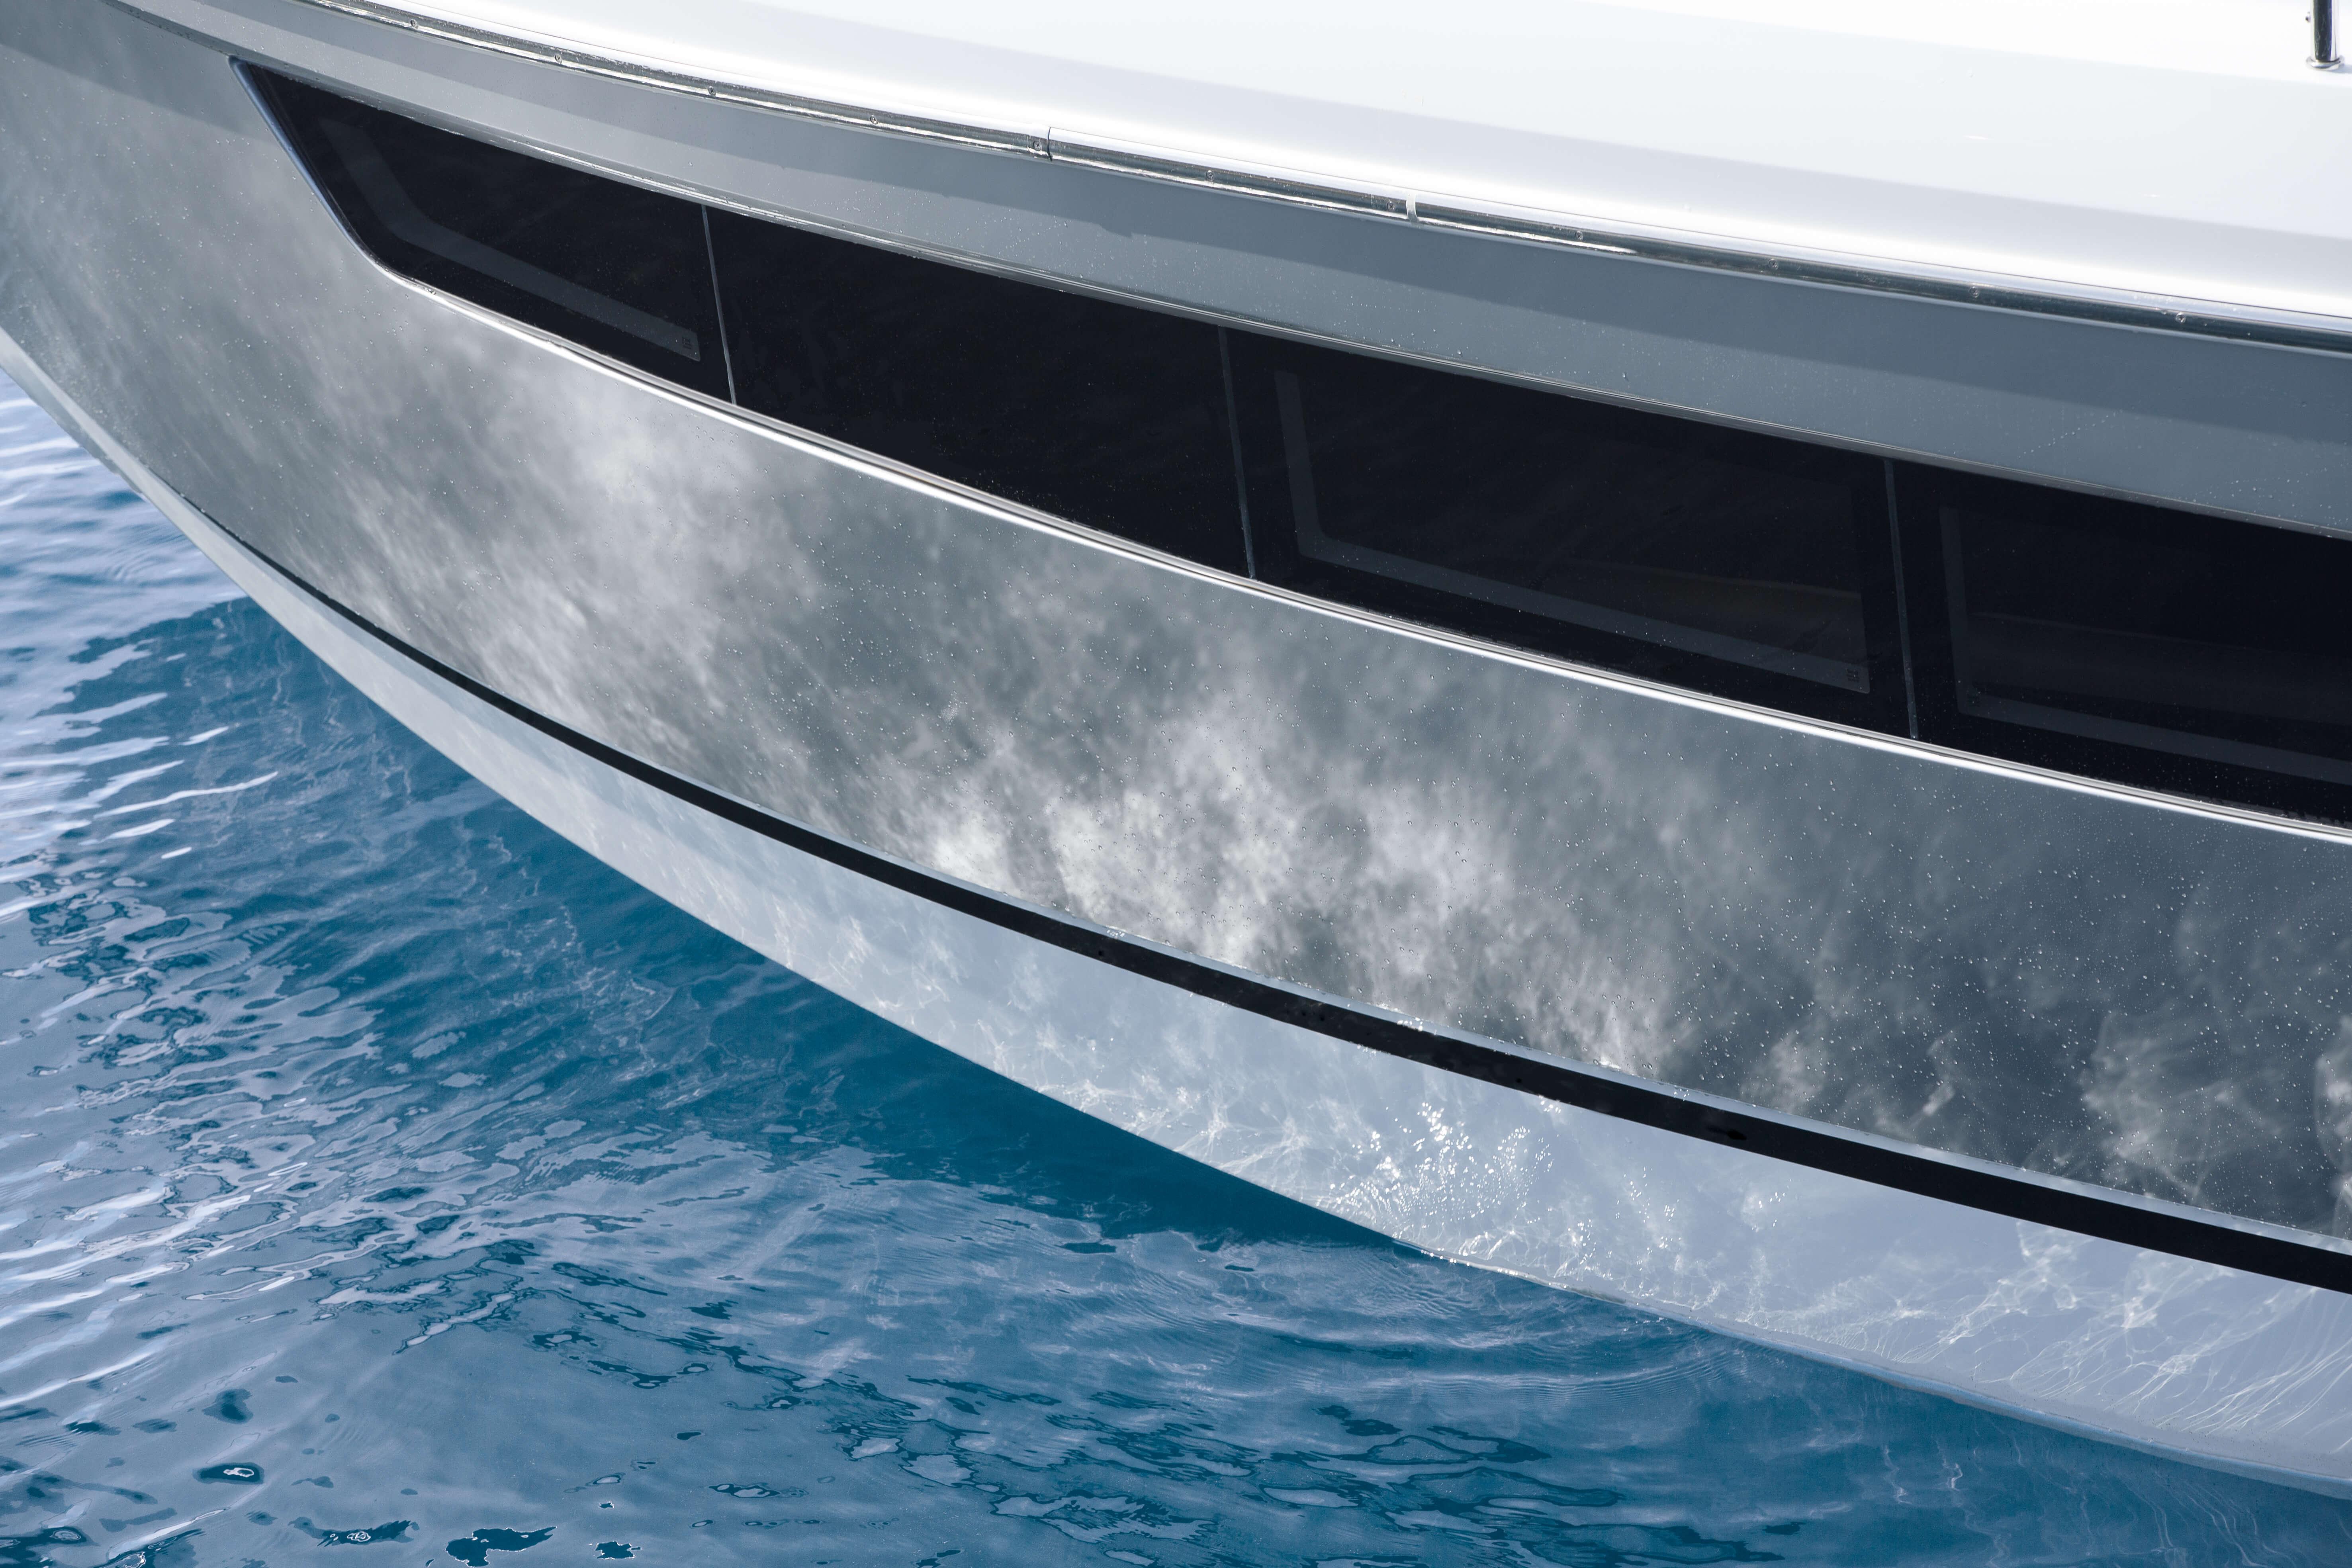 Exterior at anchor | hull, windows | Sealine